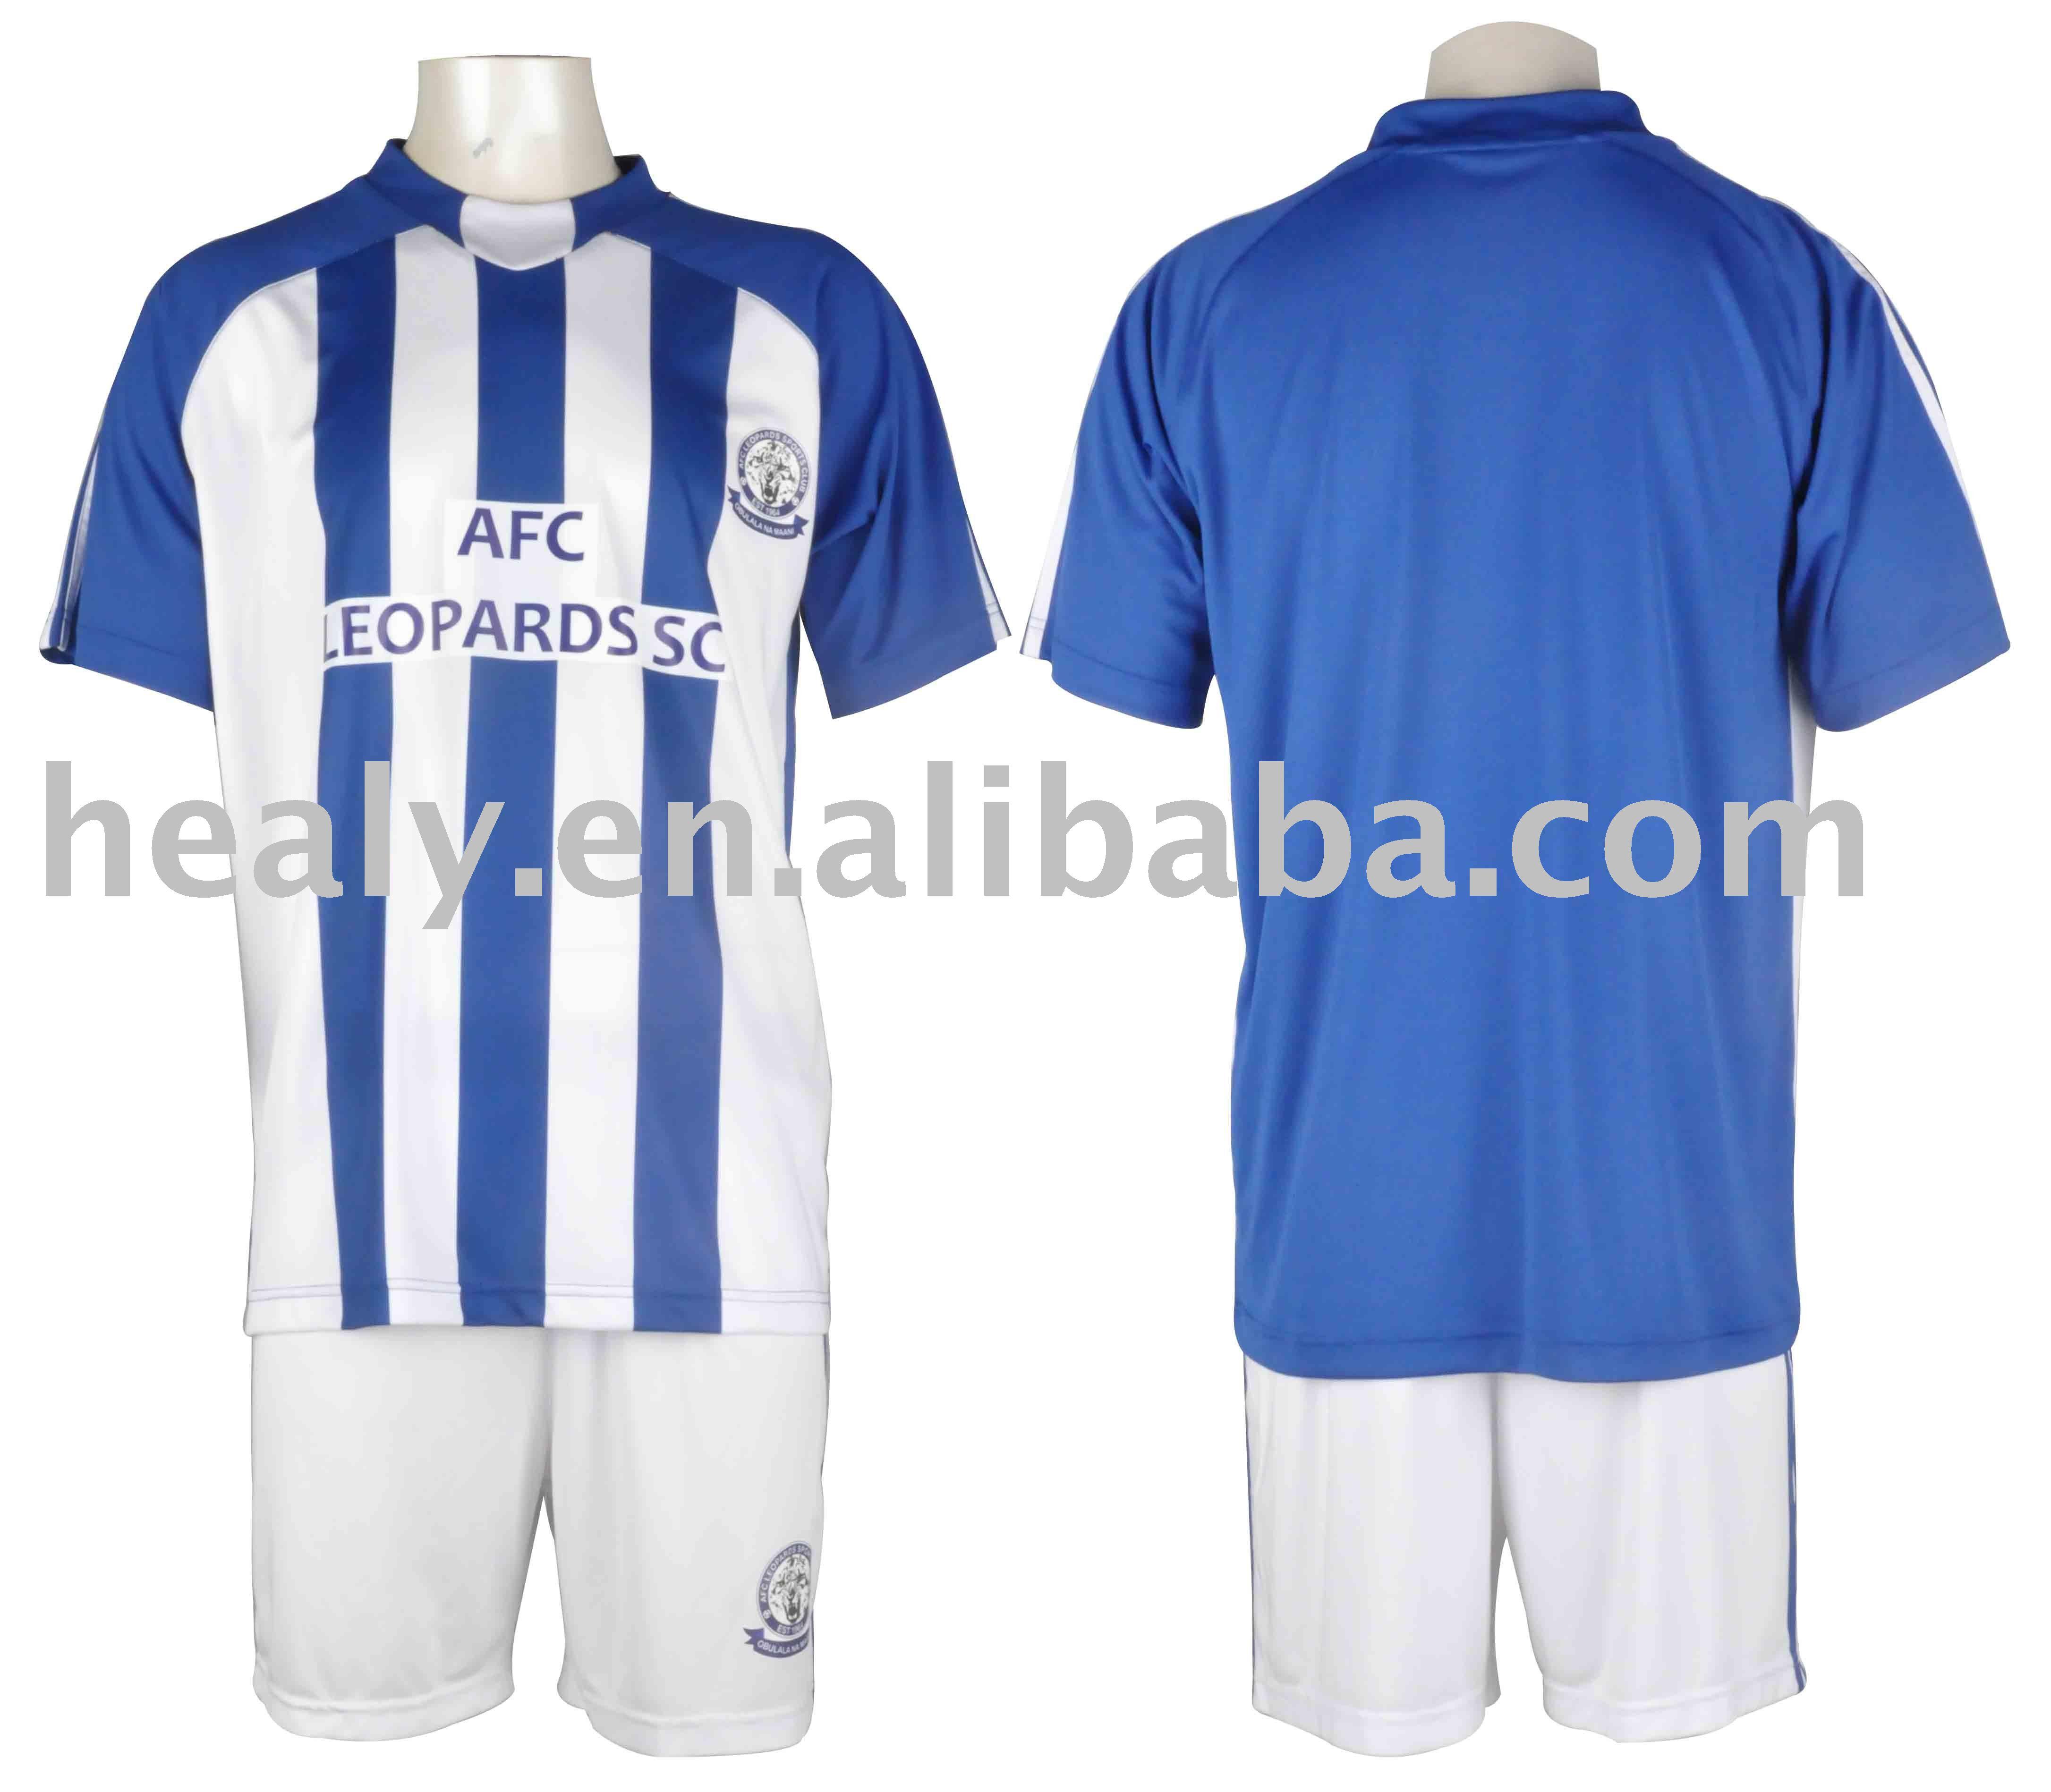 Profesional Azul Y Blanco Fútbol Uniformes Equipo Conjunto - Buy ...